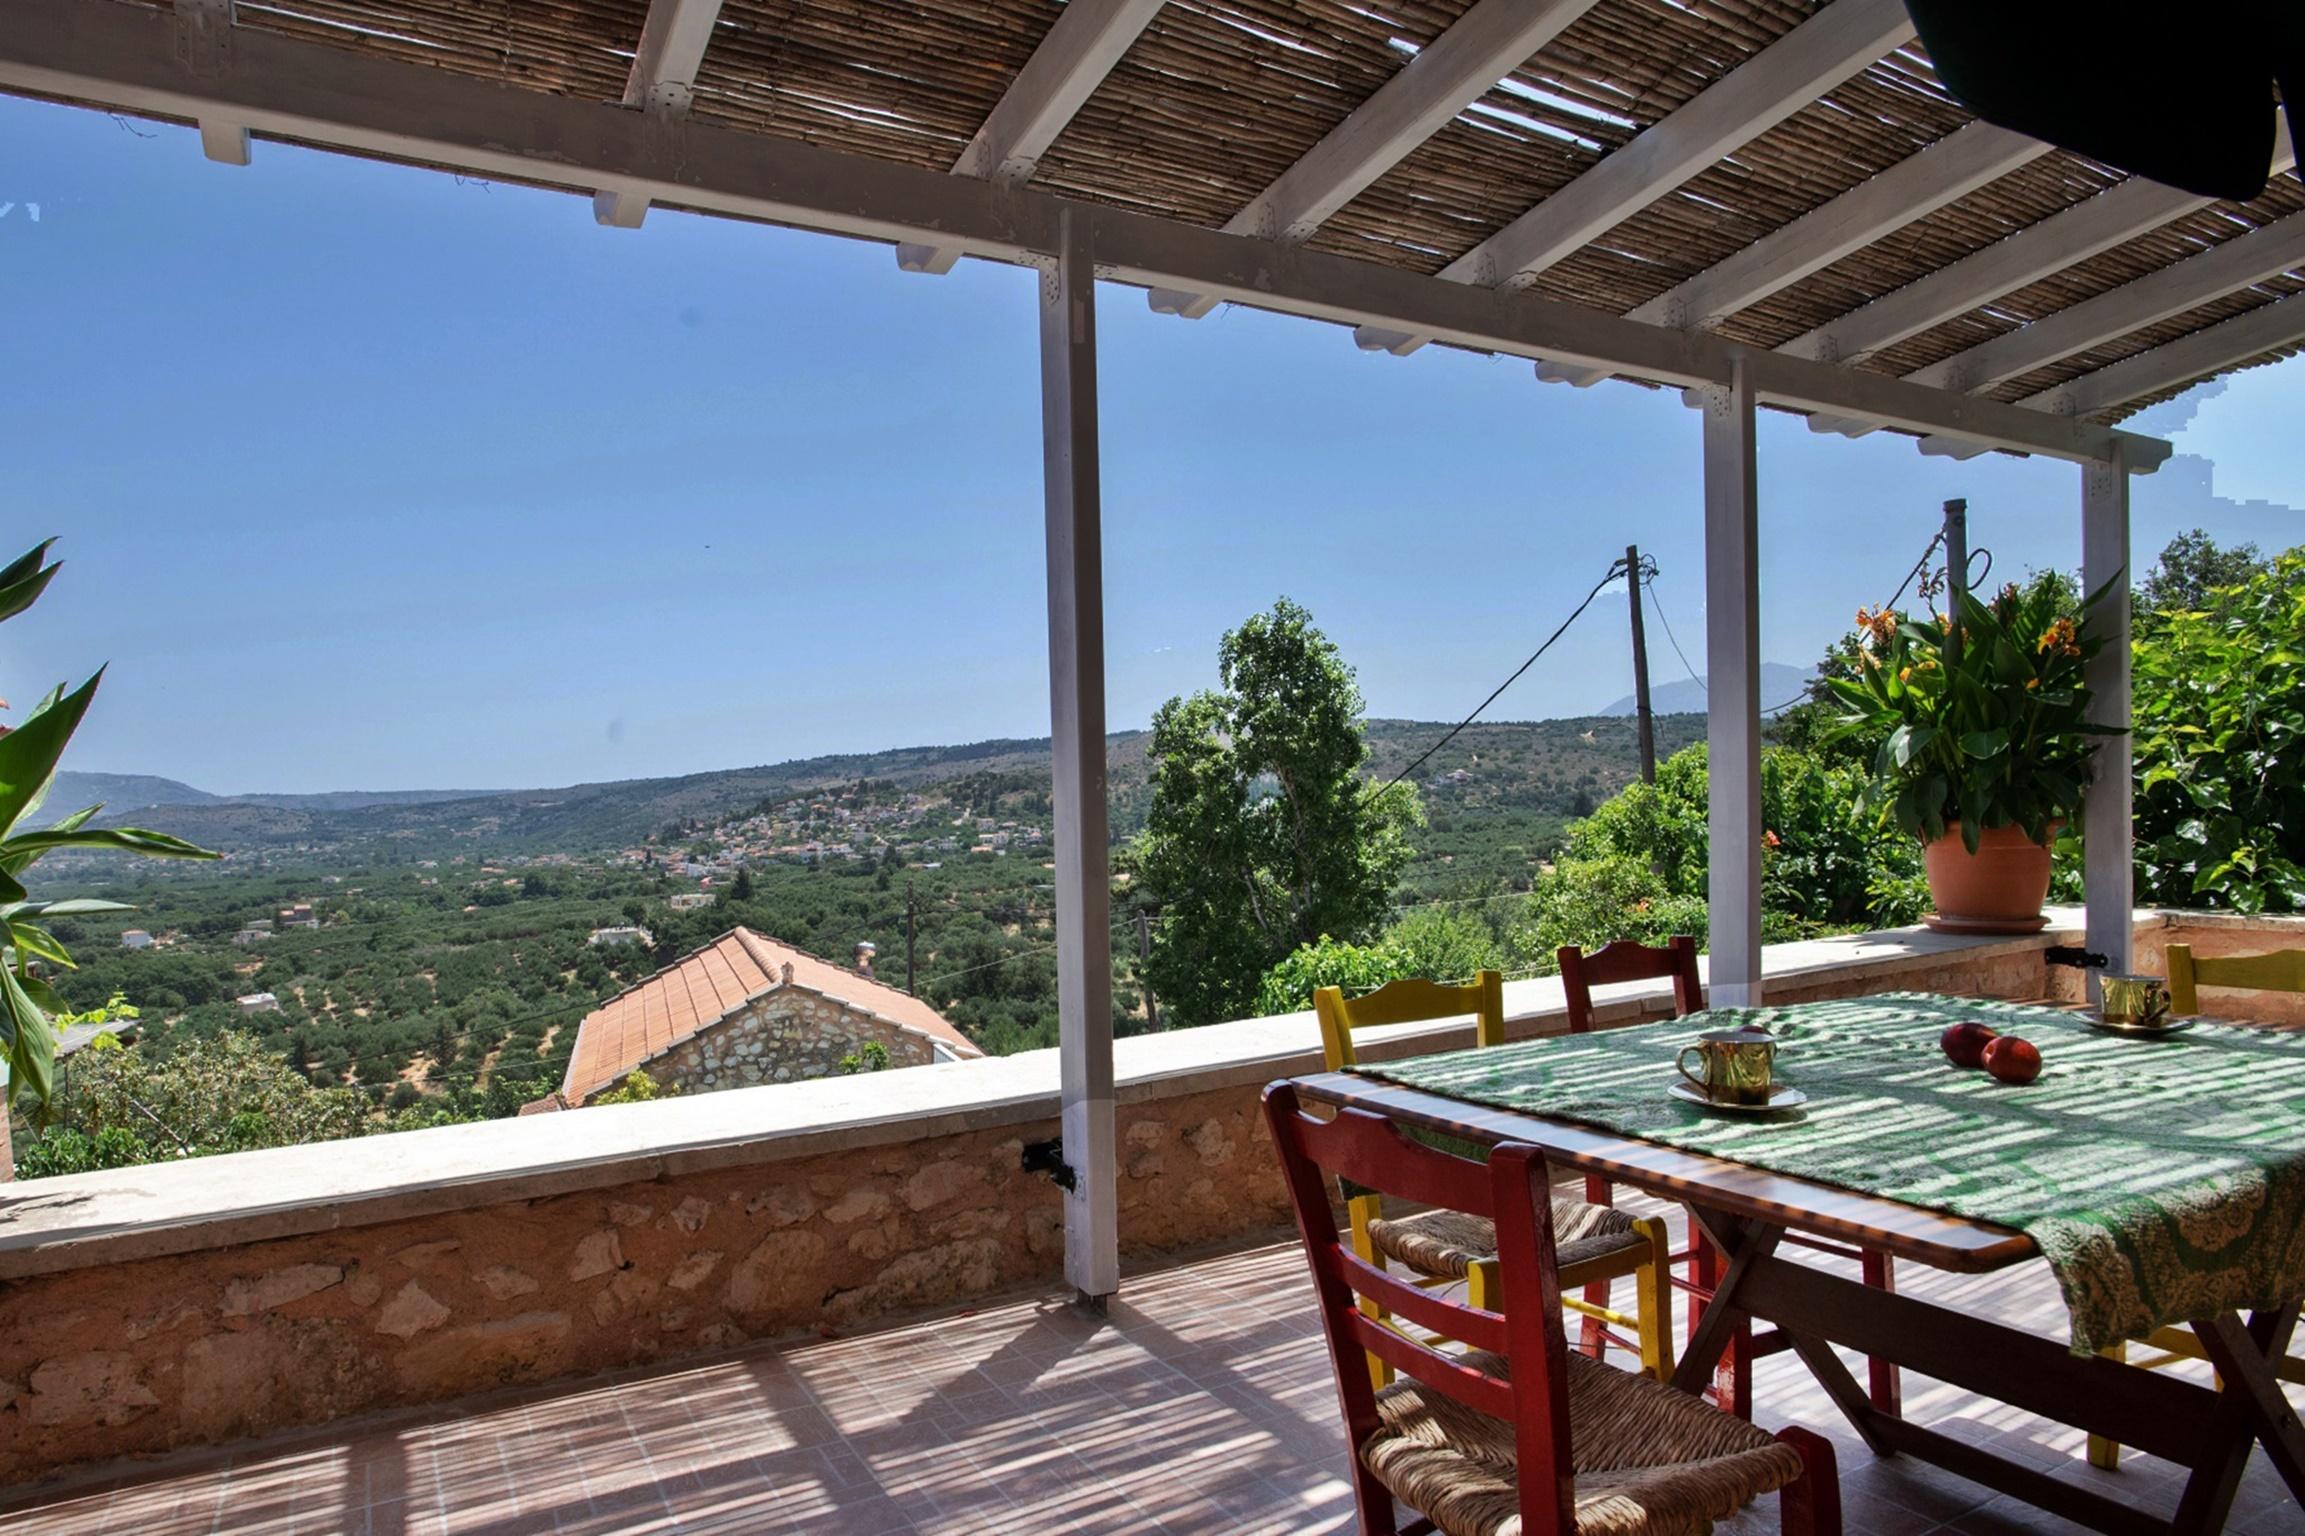 Ferienhaus Haus und Studio annektiert - Ideal groe Familien - kleines Dorf, nahe Strnde (2598996), Neon Khorion Kriti, Kreta Nordküste, Kreta, Griechenland, Bild 17